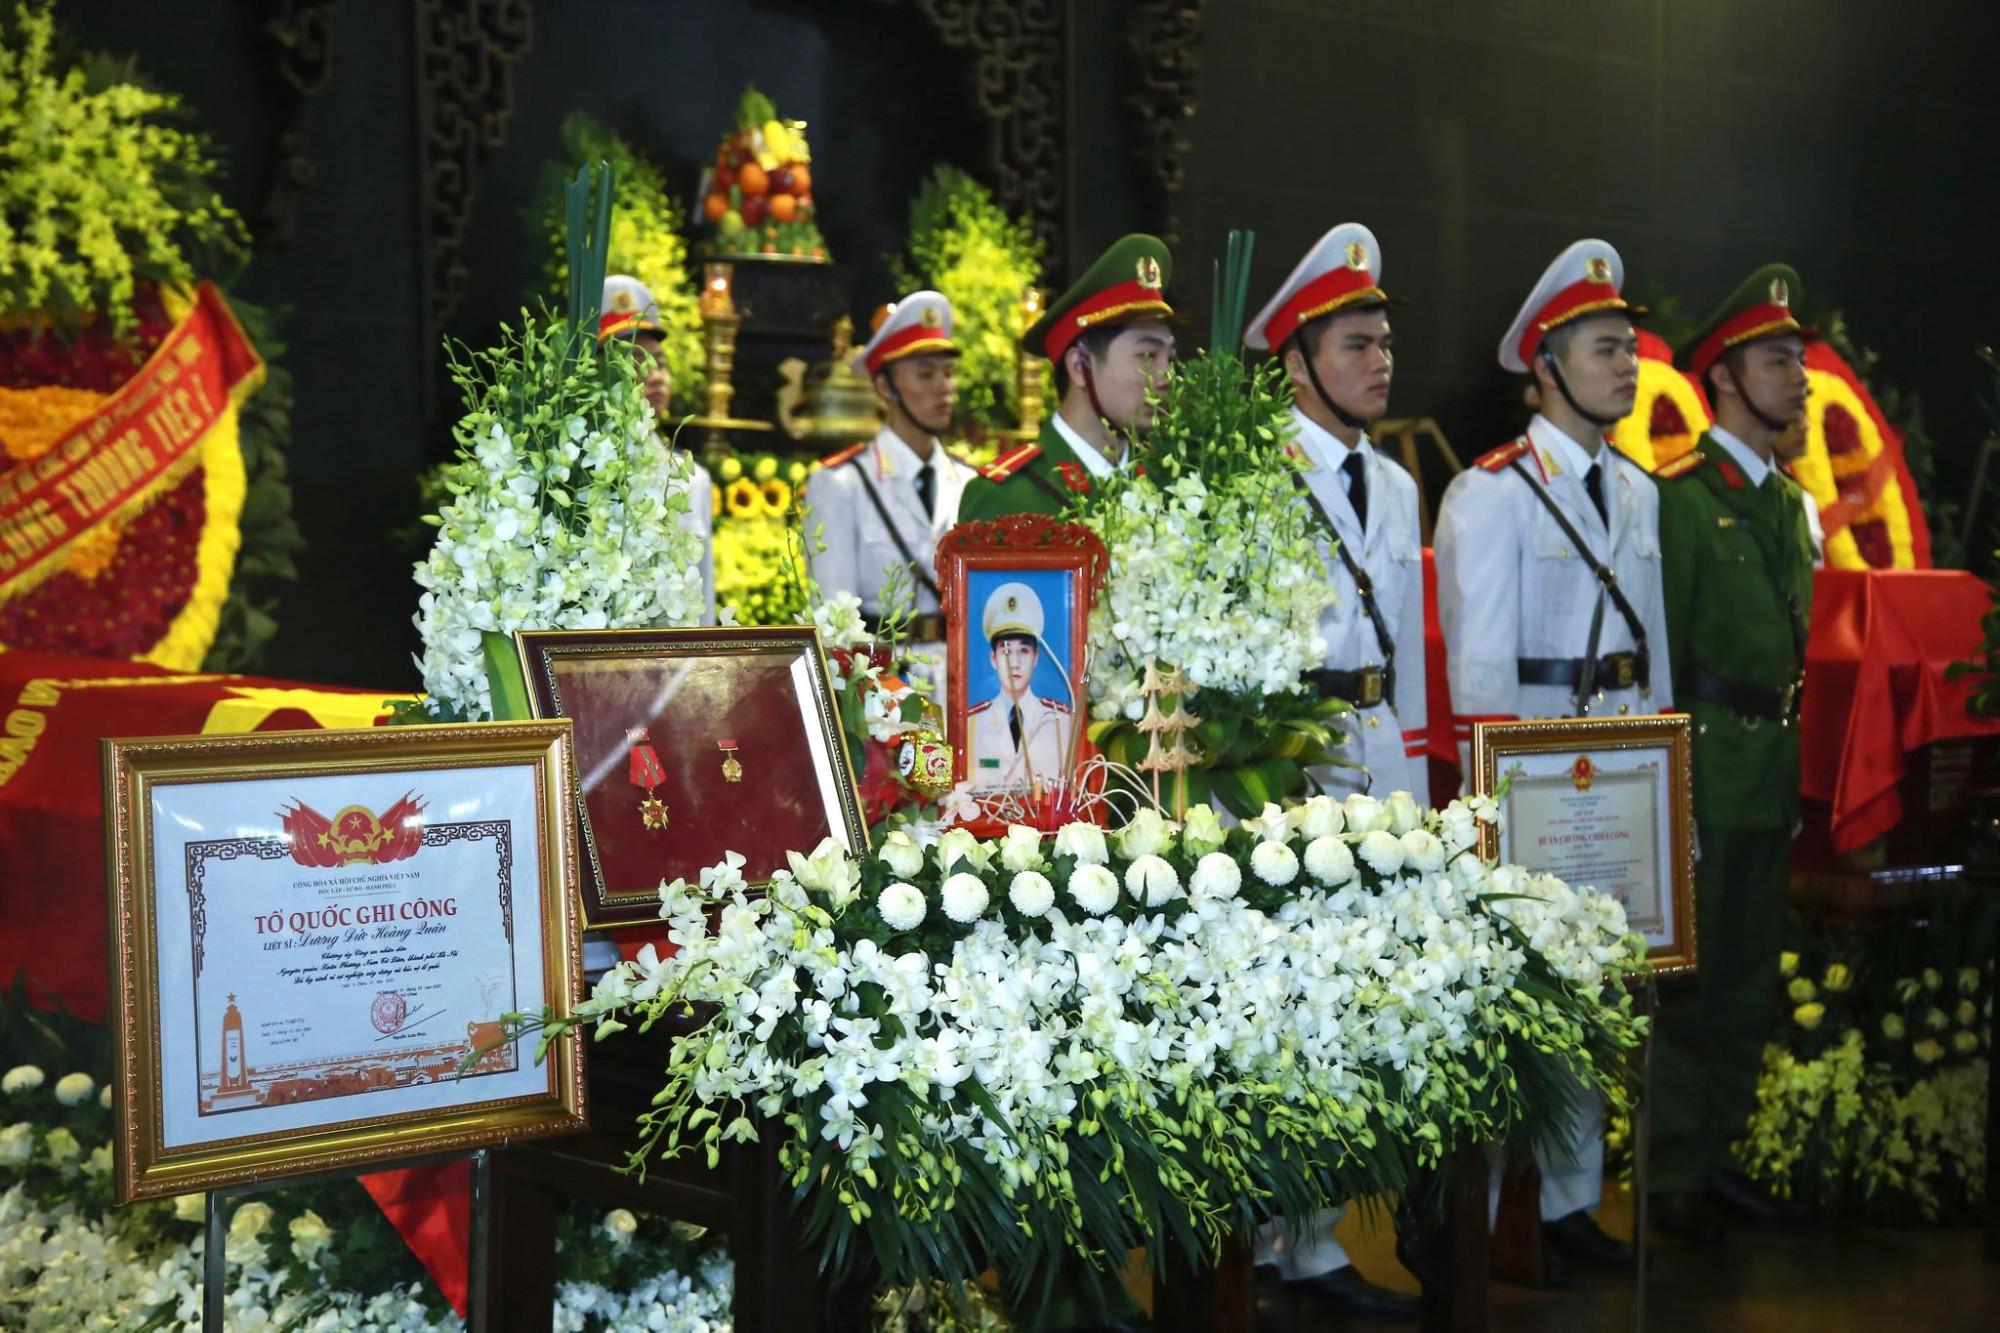 Tang lễ của 3 liệt sĩ được tổ chức theo nghi thức của lực lượng Công an nhân dân